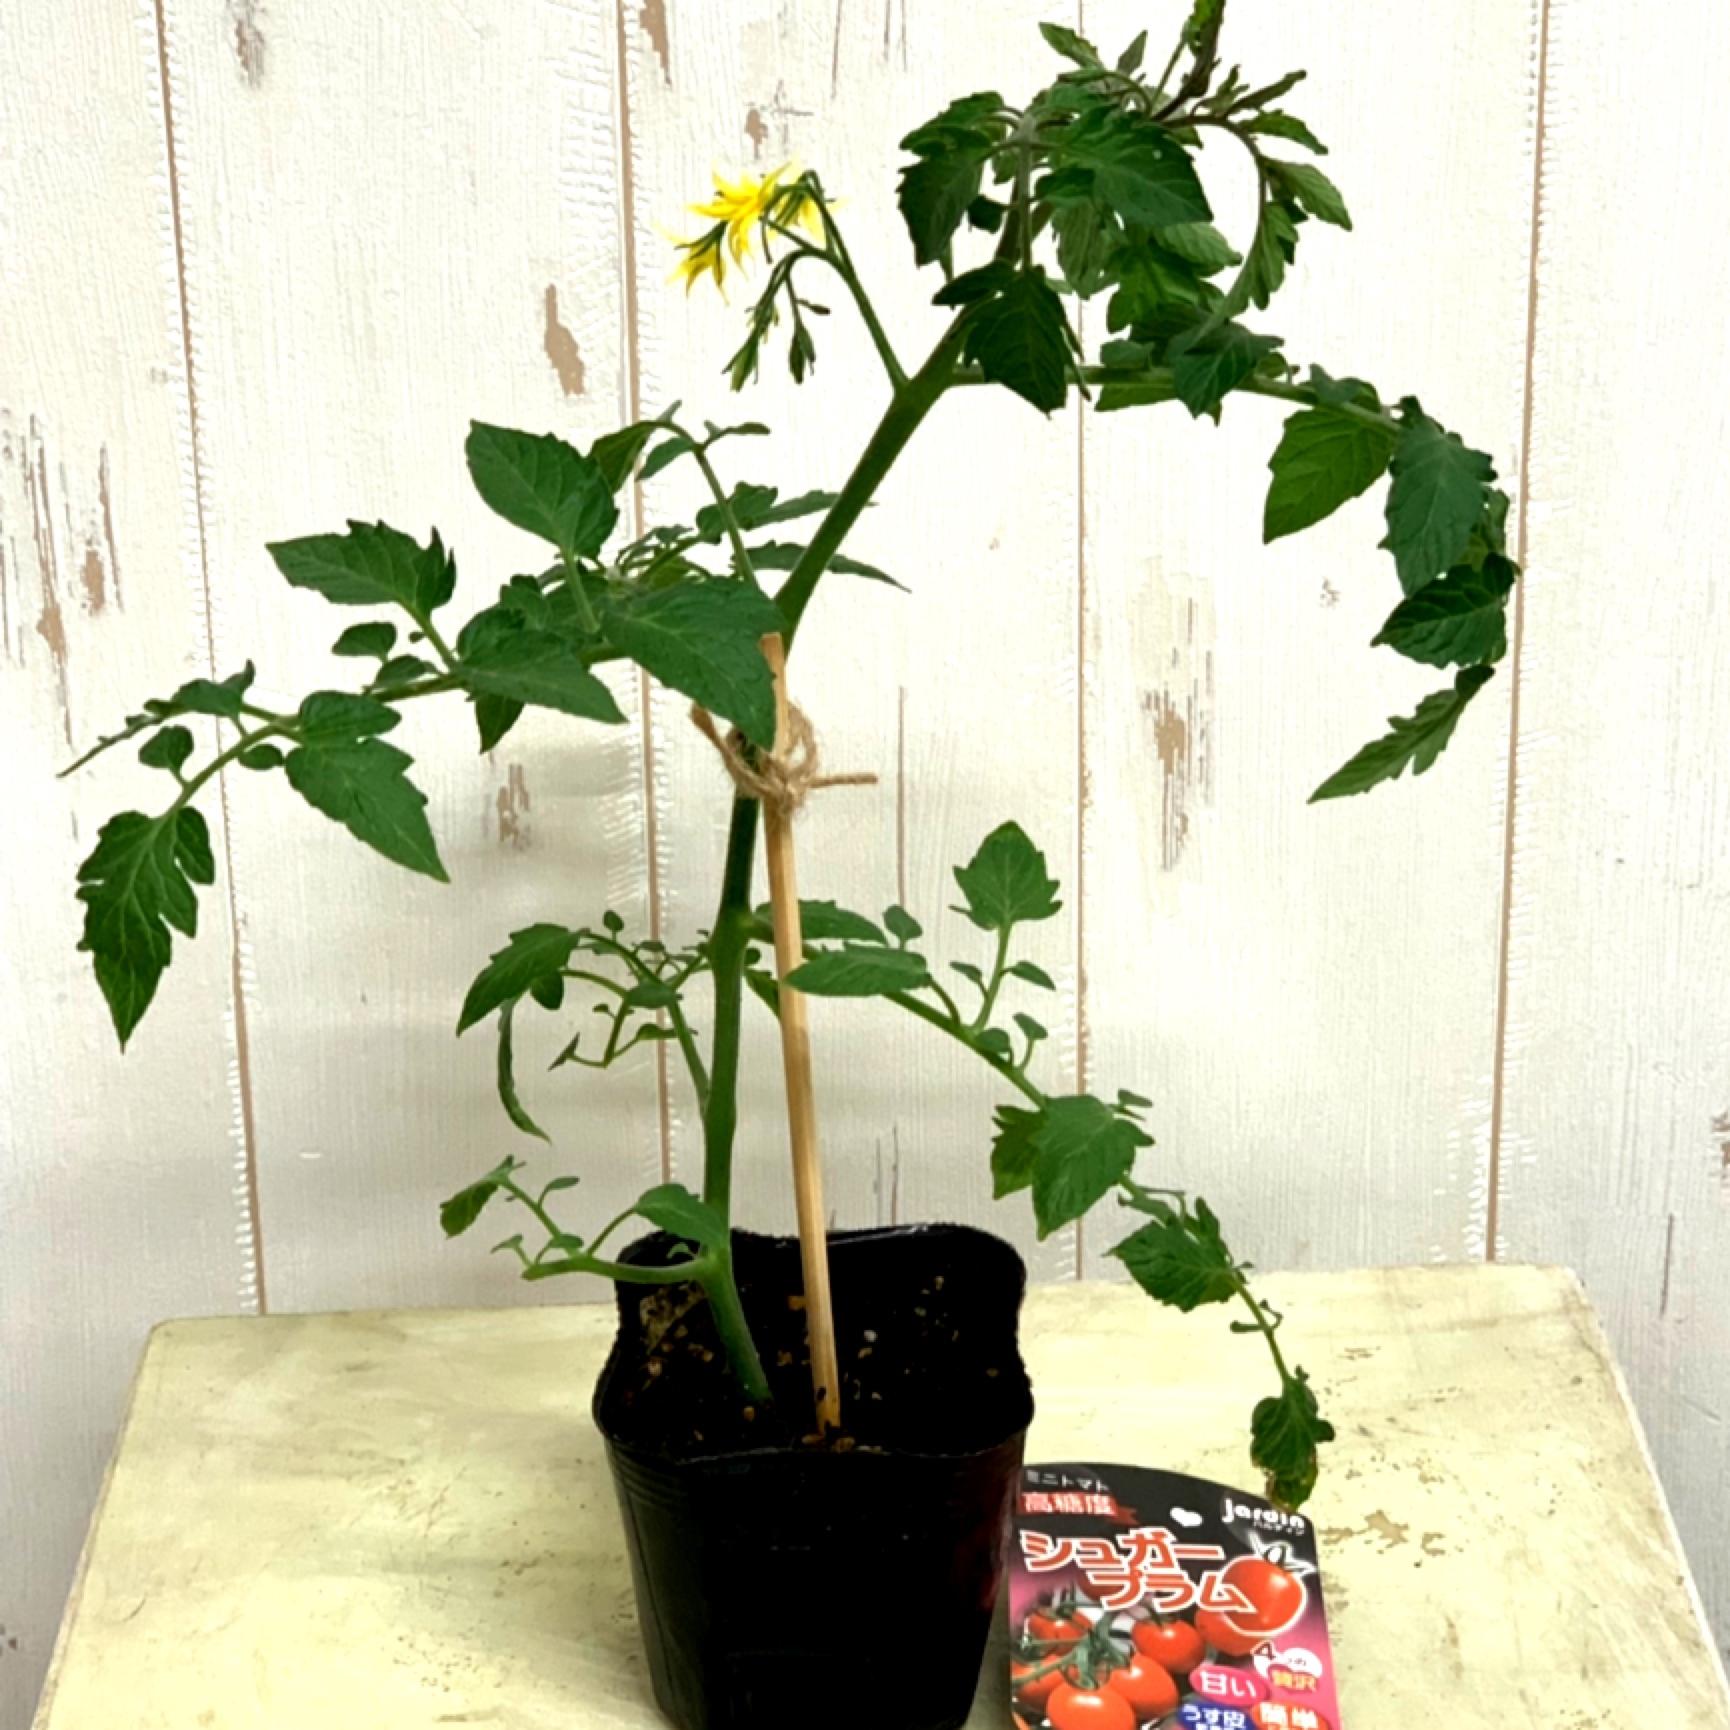 むちゃくちゃ甘いミニトマトシュガープラム苗 - 画像1